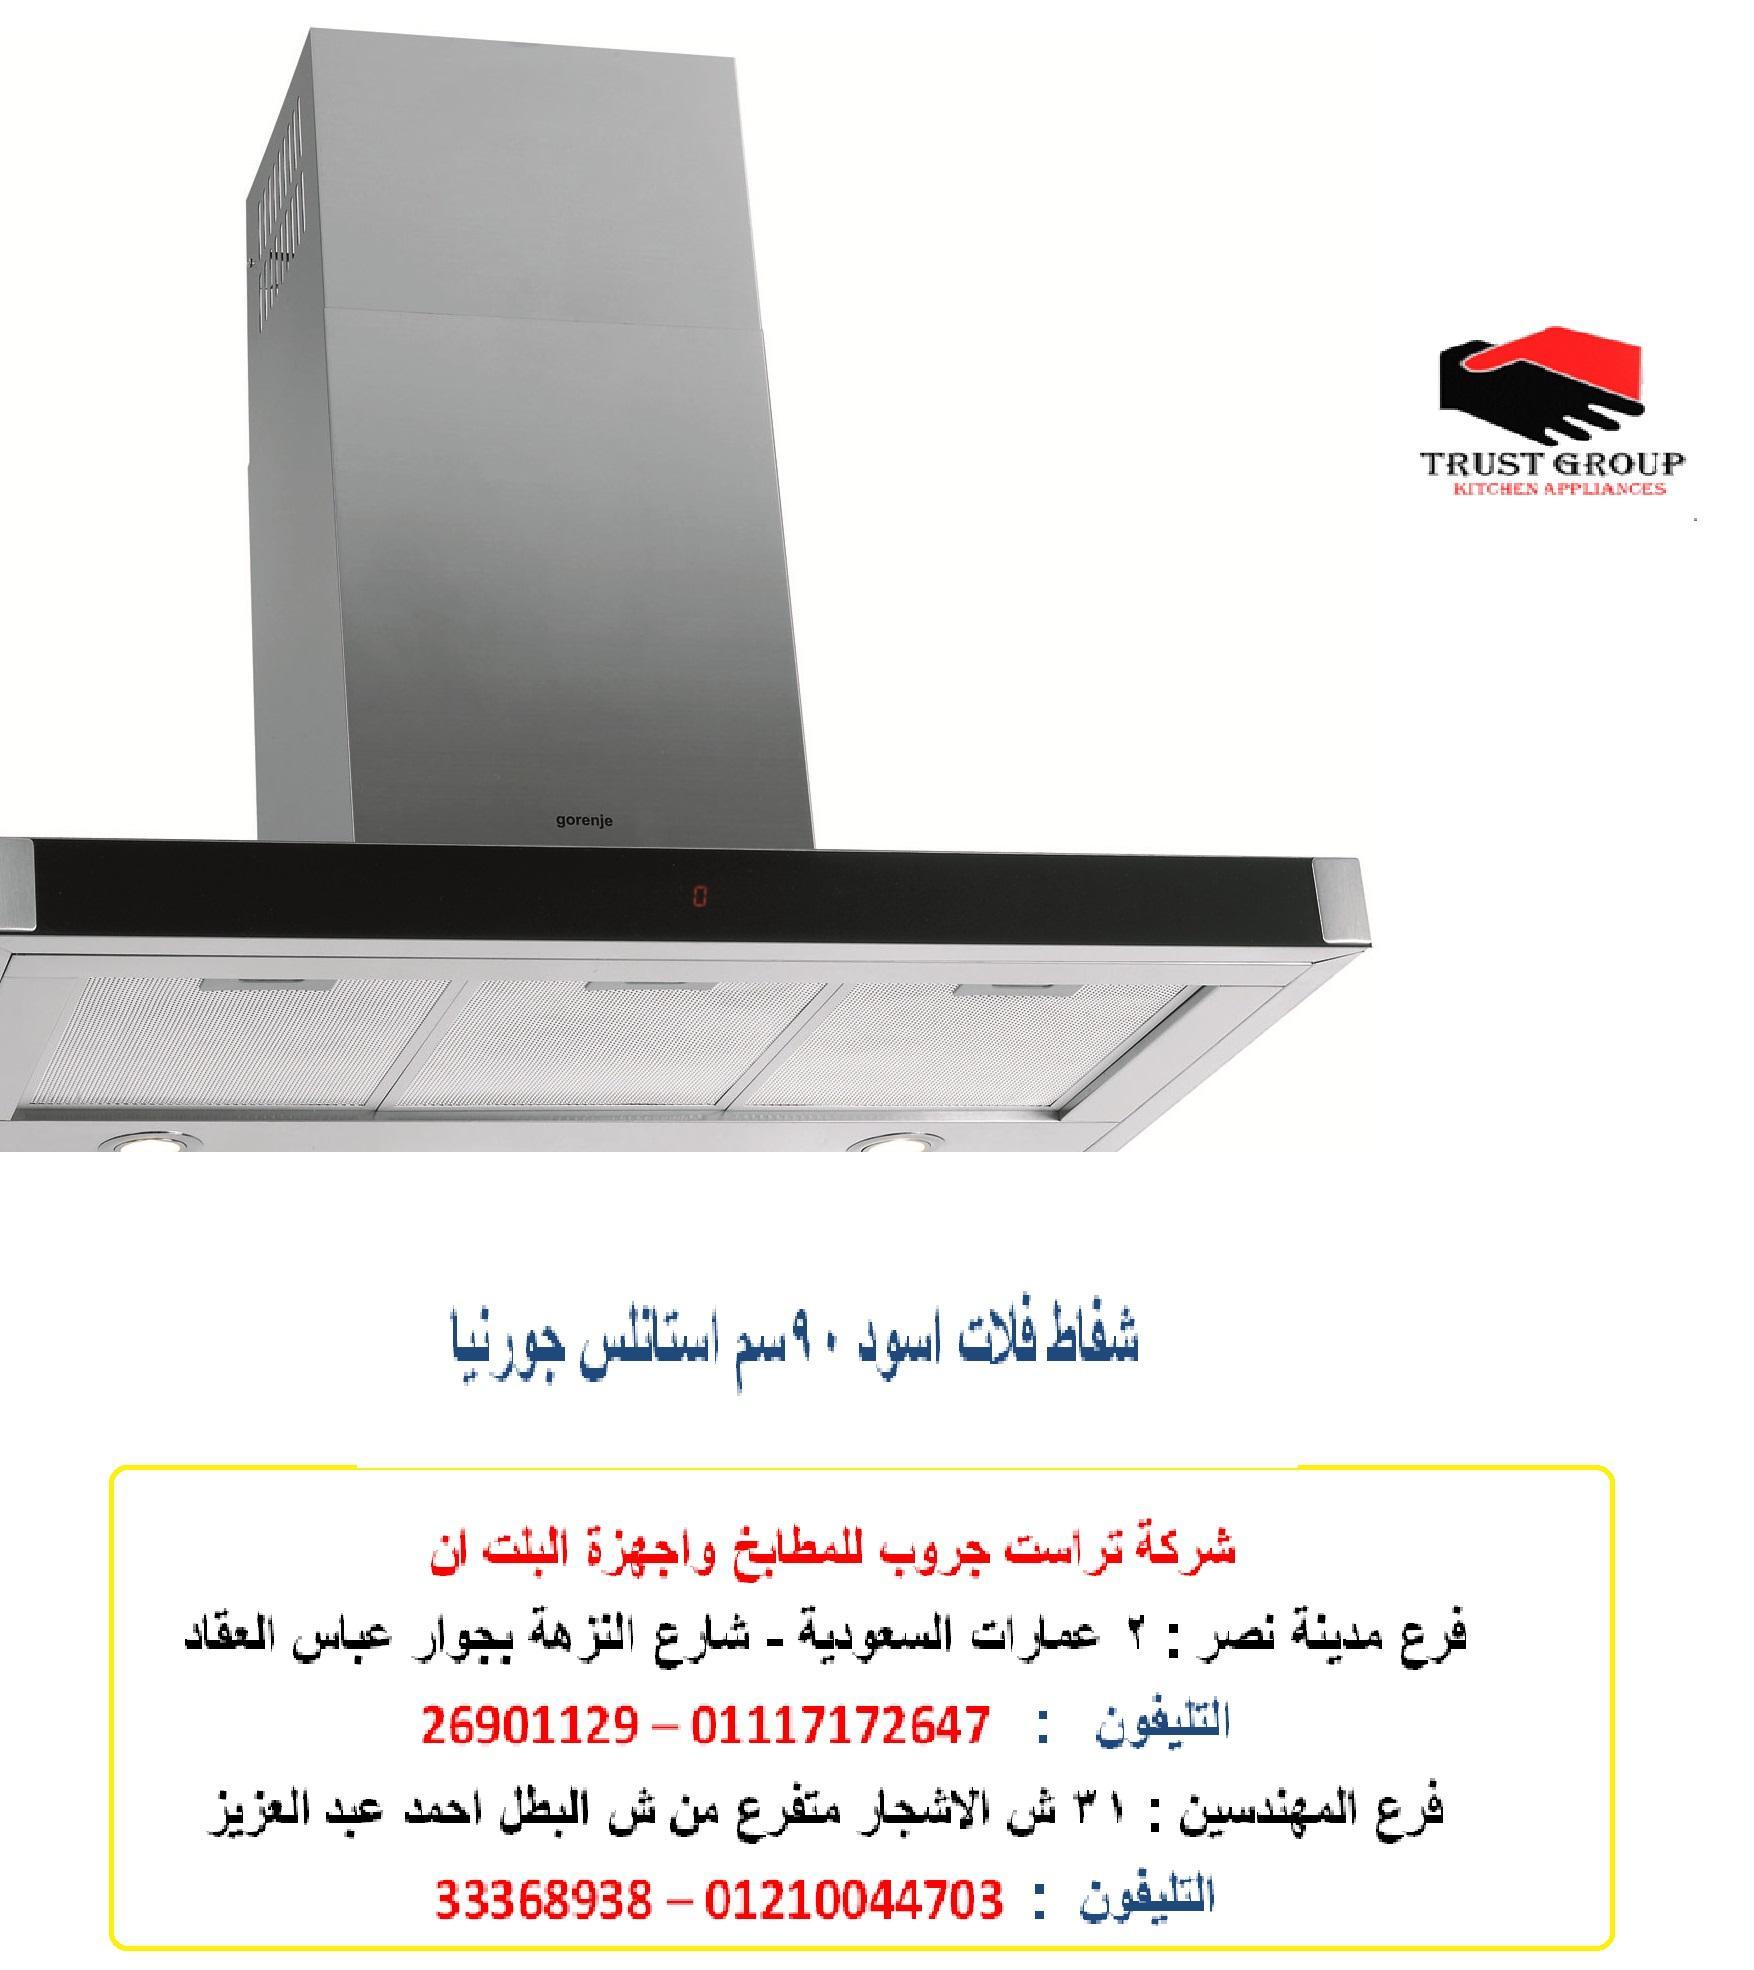 مسطح مسطح مسطح كهرباء افضل 471130190.jpg